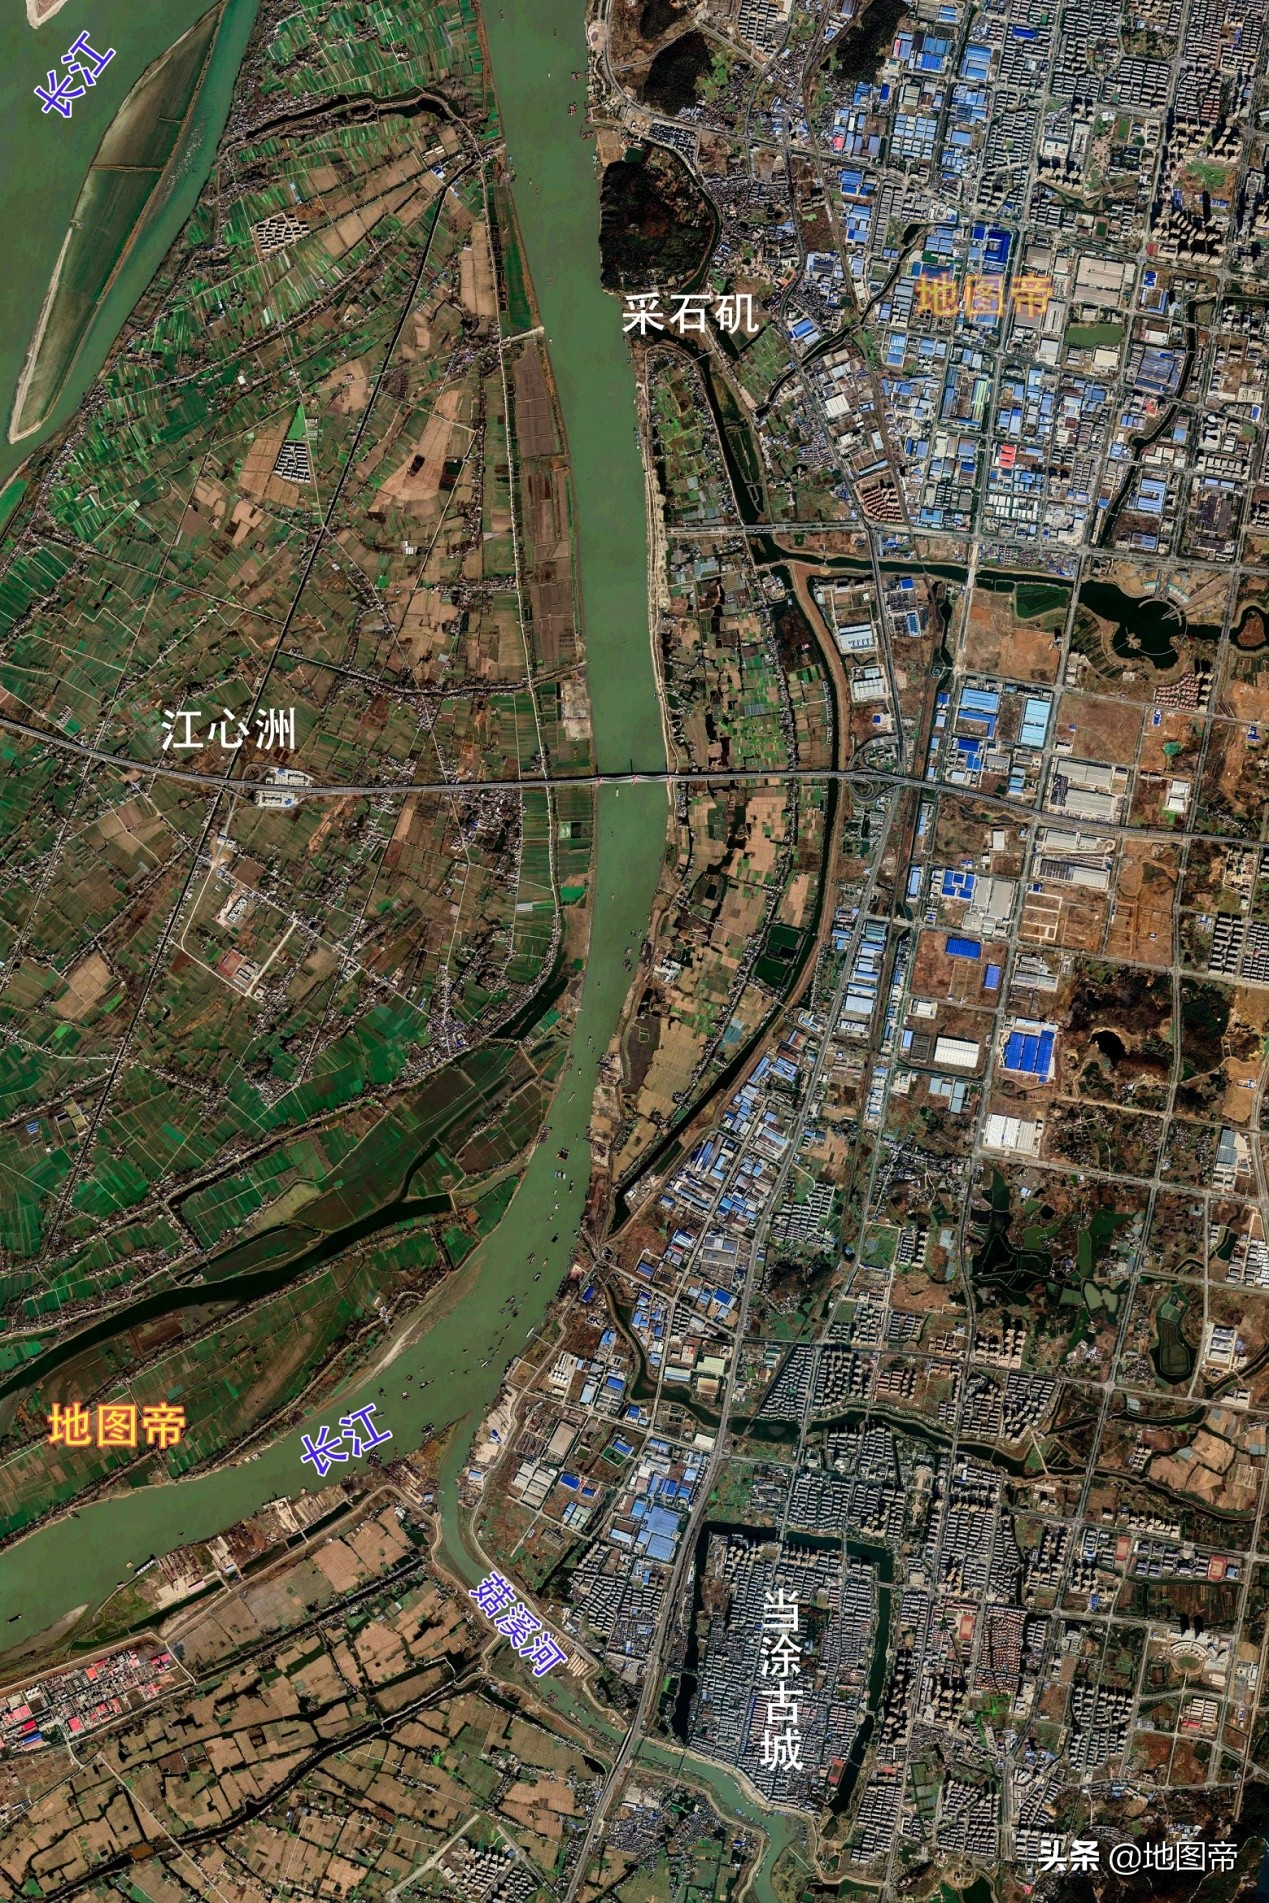 马鞍山原隶属于当涂县,1954年才设镇,为何很快成为省辖市?